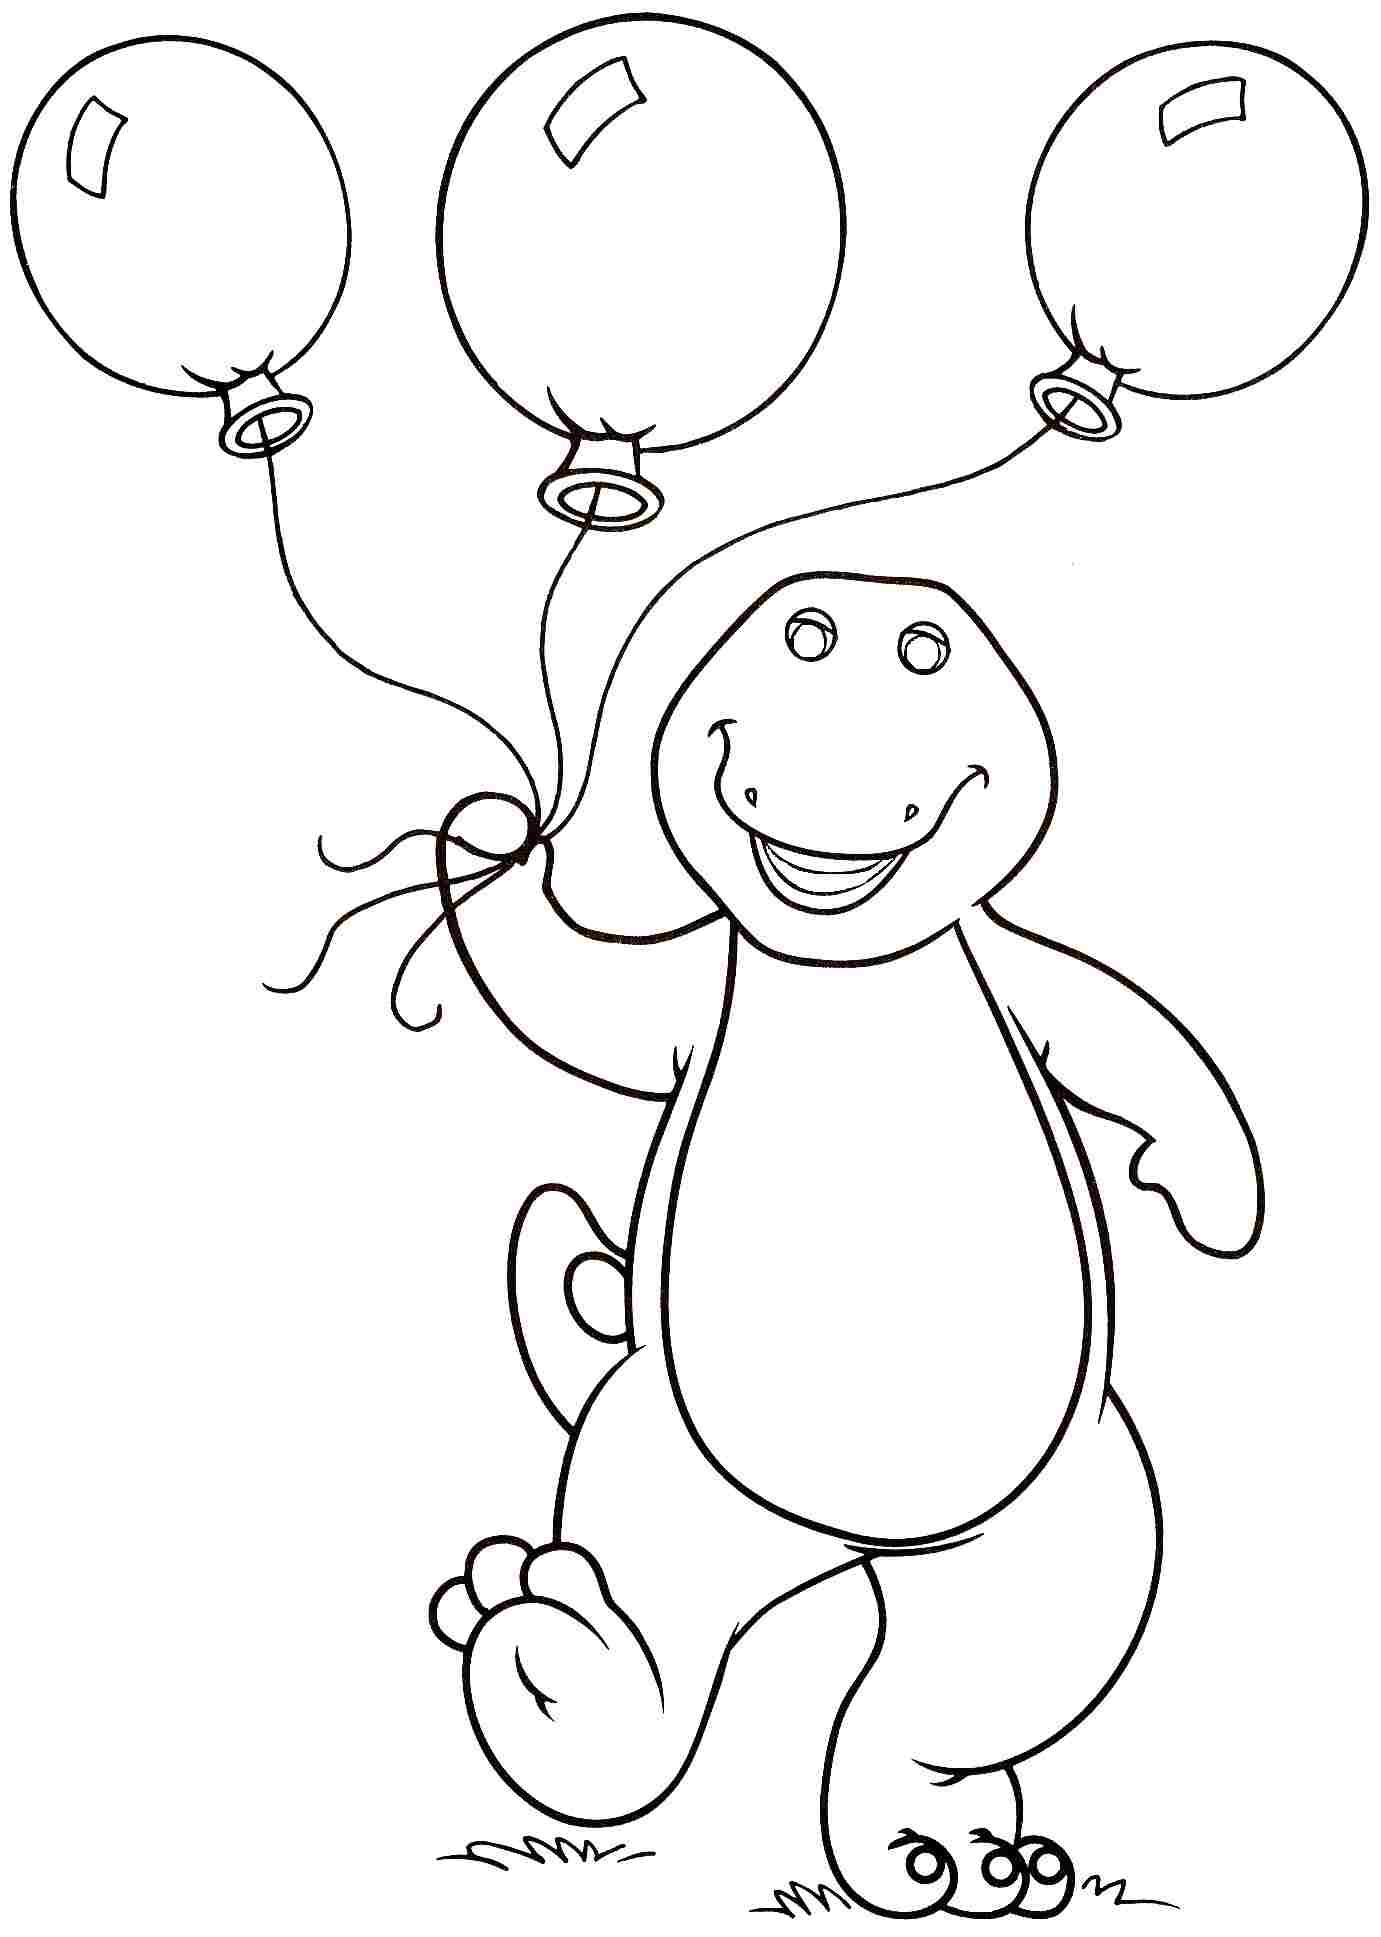 135 Dibujos De Barney Para Colorear Oh Kids Page 12